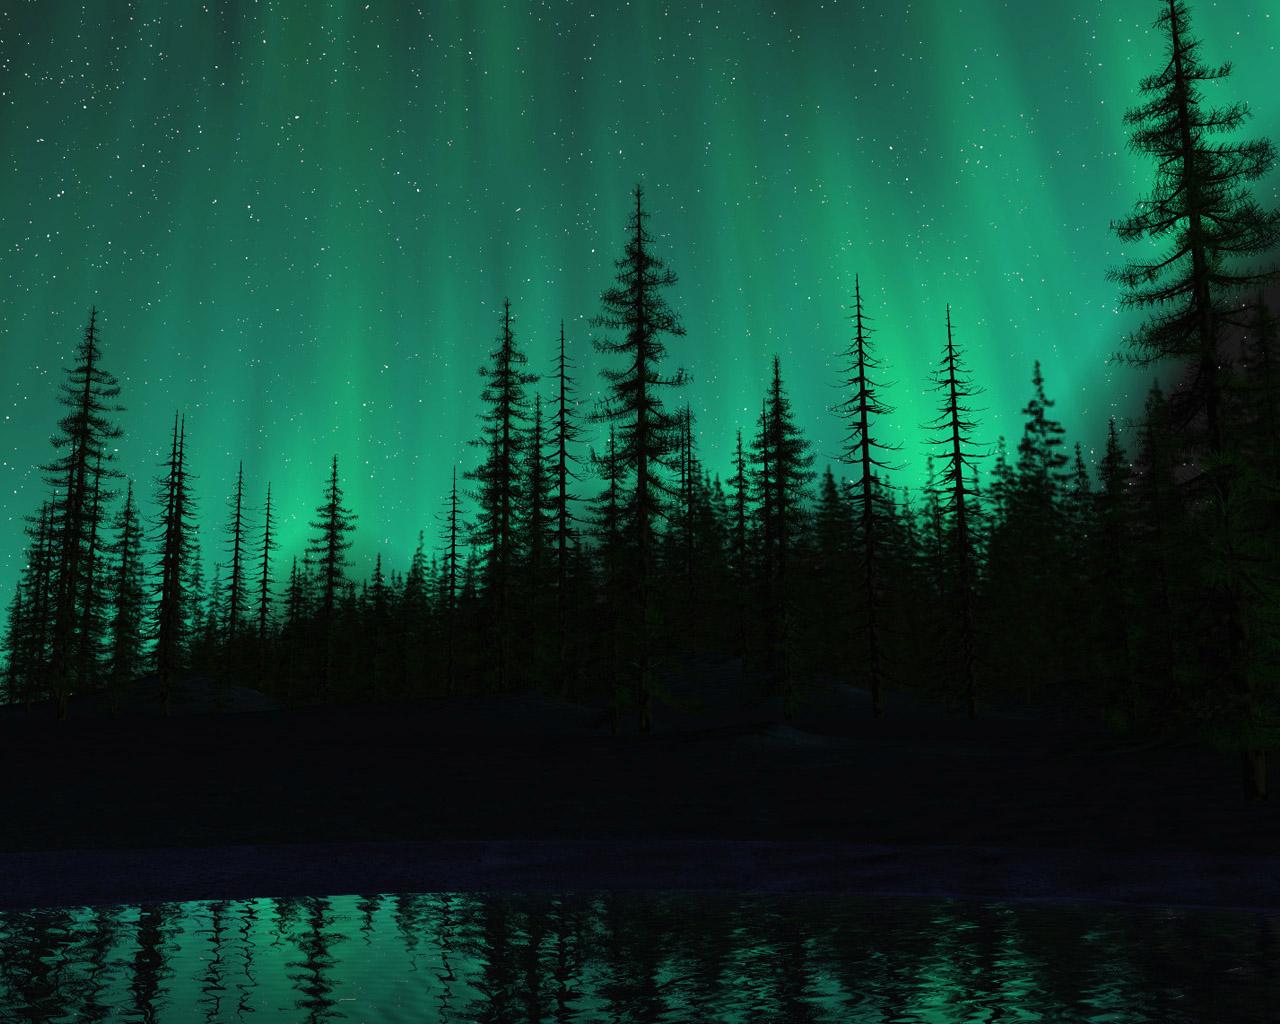 オーロラ 壁紙 - Aurora WALLPAPER